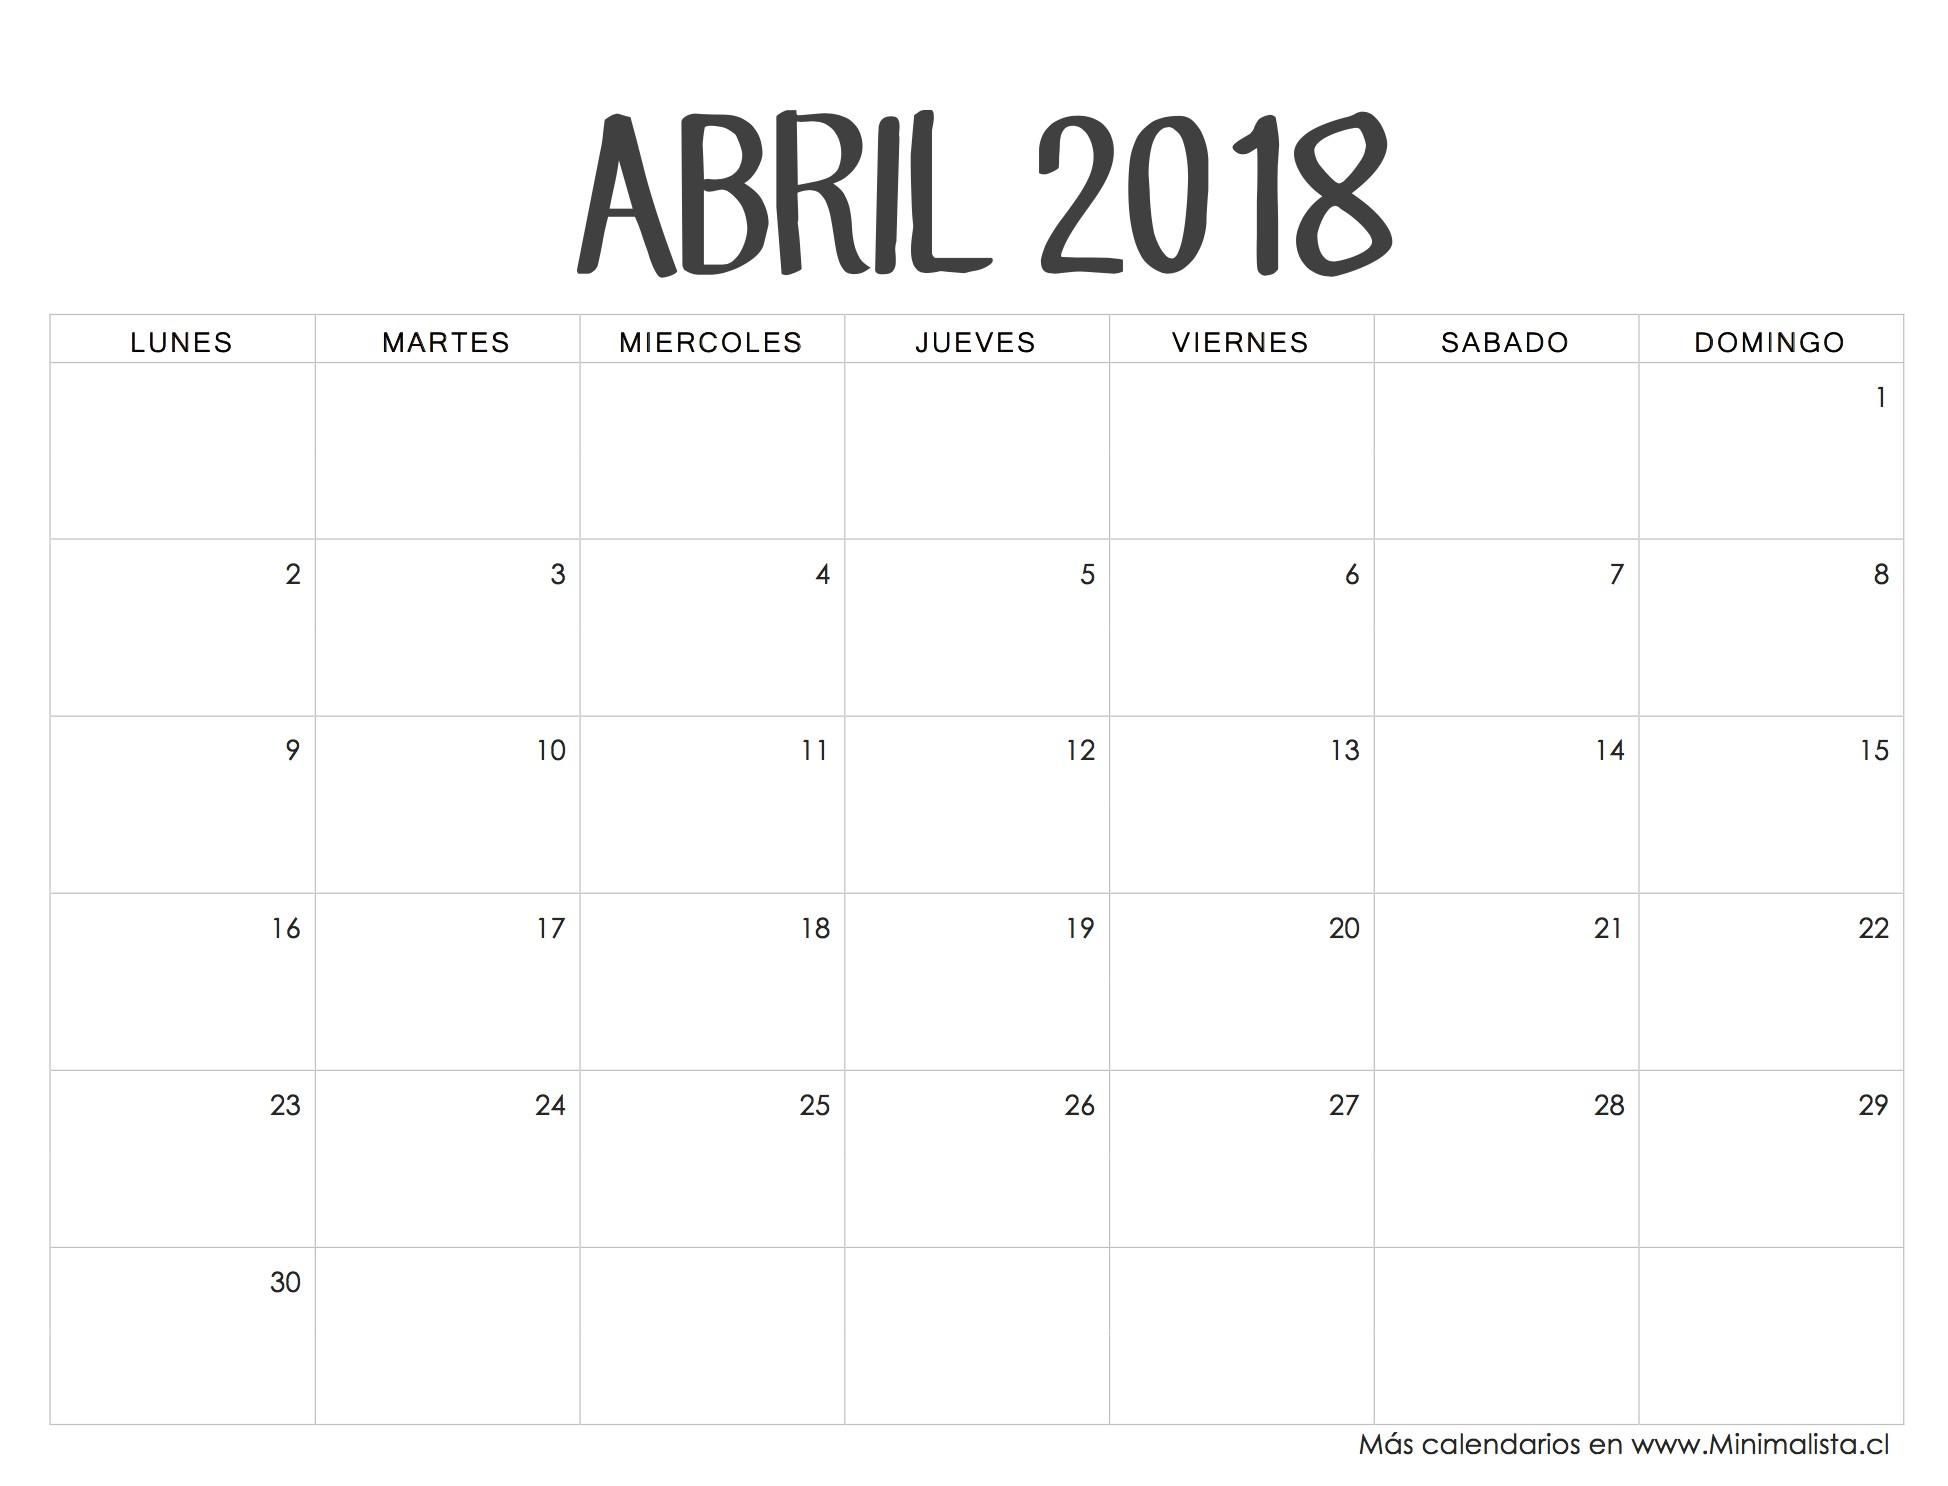 Calendario 2019 Bolivia En Excel Más Caliente Resultado De Imagen Para Calendarios Para Imprimir Of Calendario 2019 Bolivia En Excel Más Caliente Calaméo Una Excelente Oportunidad Para Conocer Programas Y